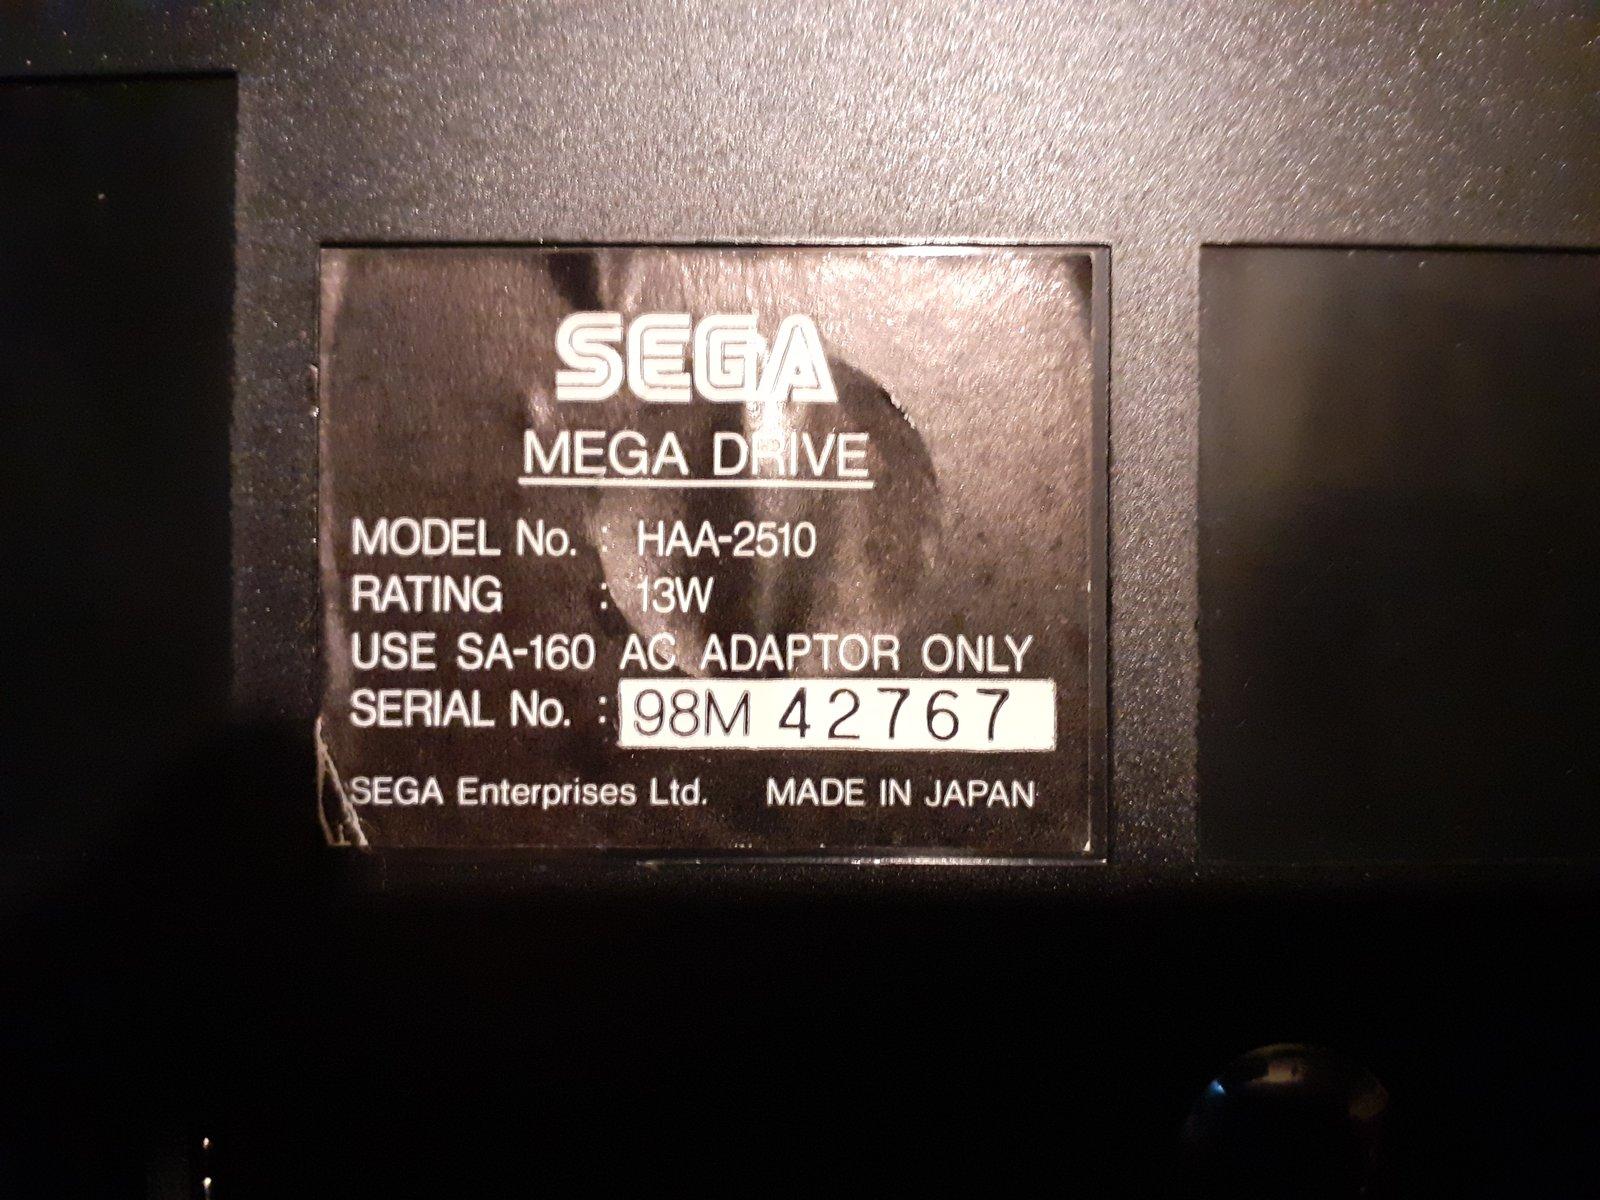 (Vds) Megadrive 1 Jap VA0 1rst run en boite 200921092401276784